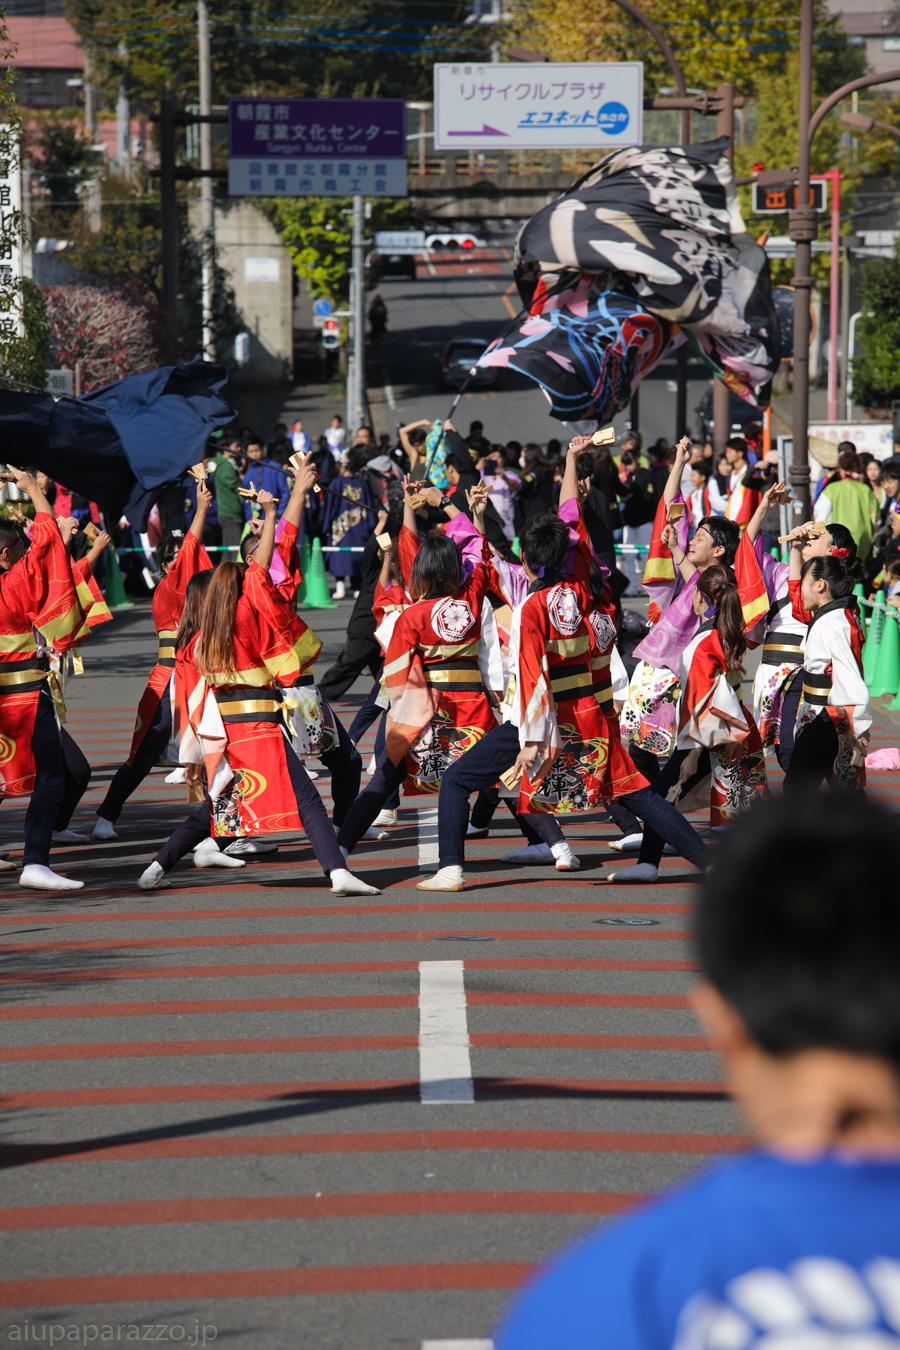 kabuki2016ran_oyachai-23.jpg